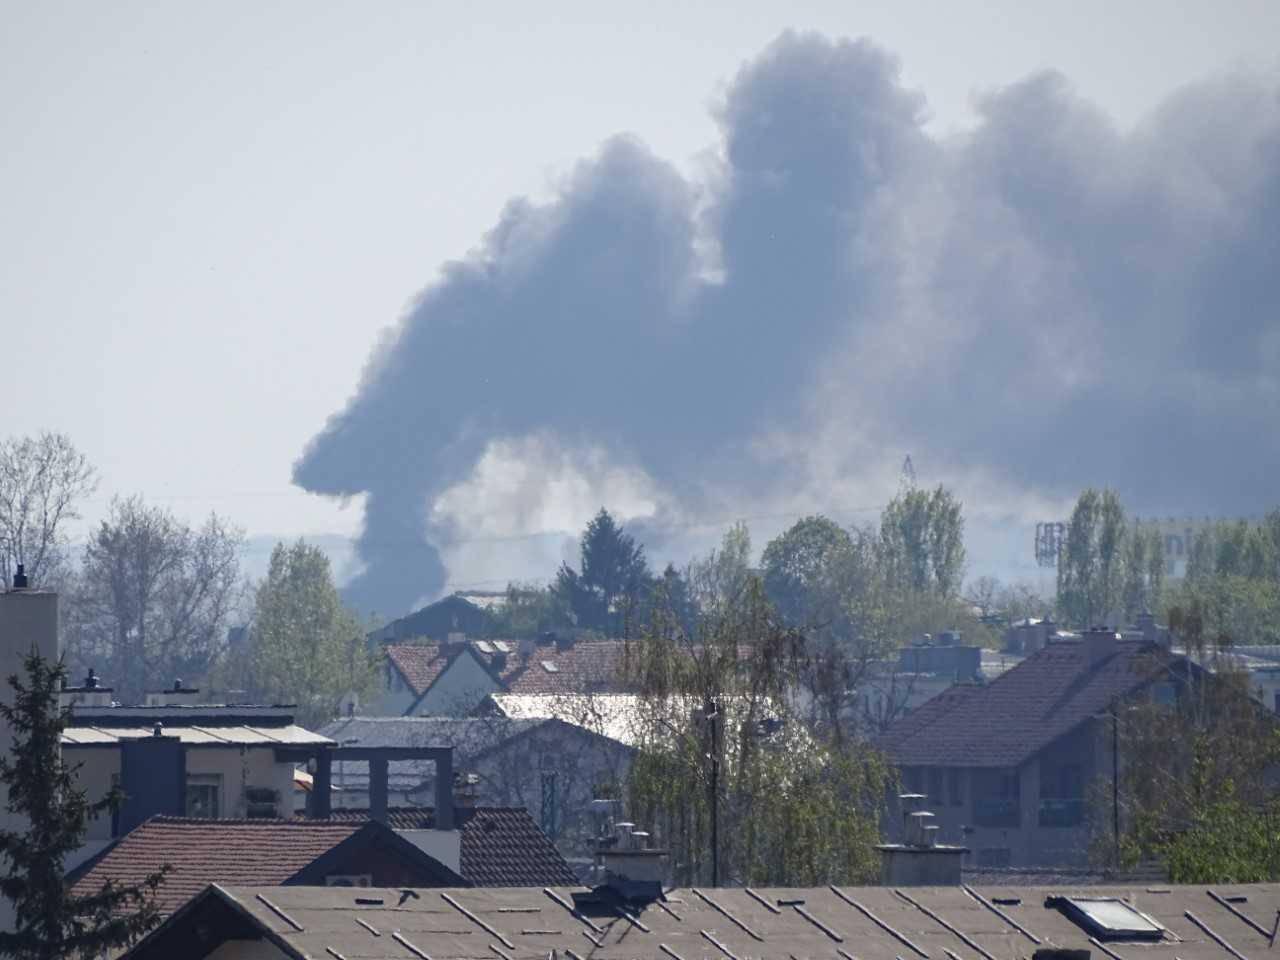 Kod Jankomirskog mosta gori smeće i trava, vatrogasci gase